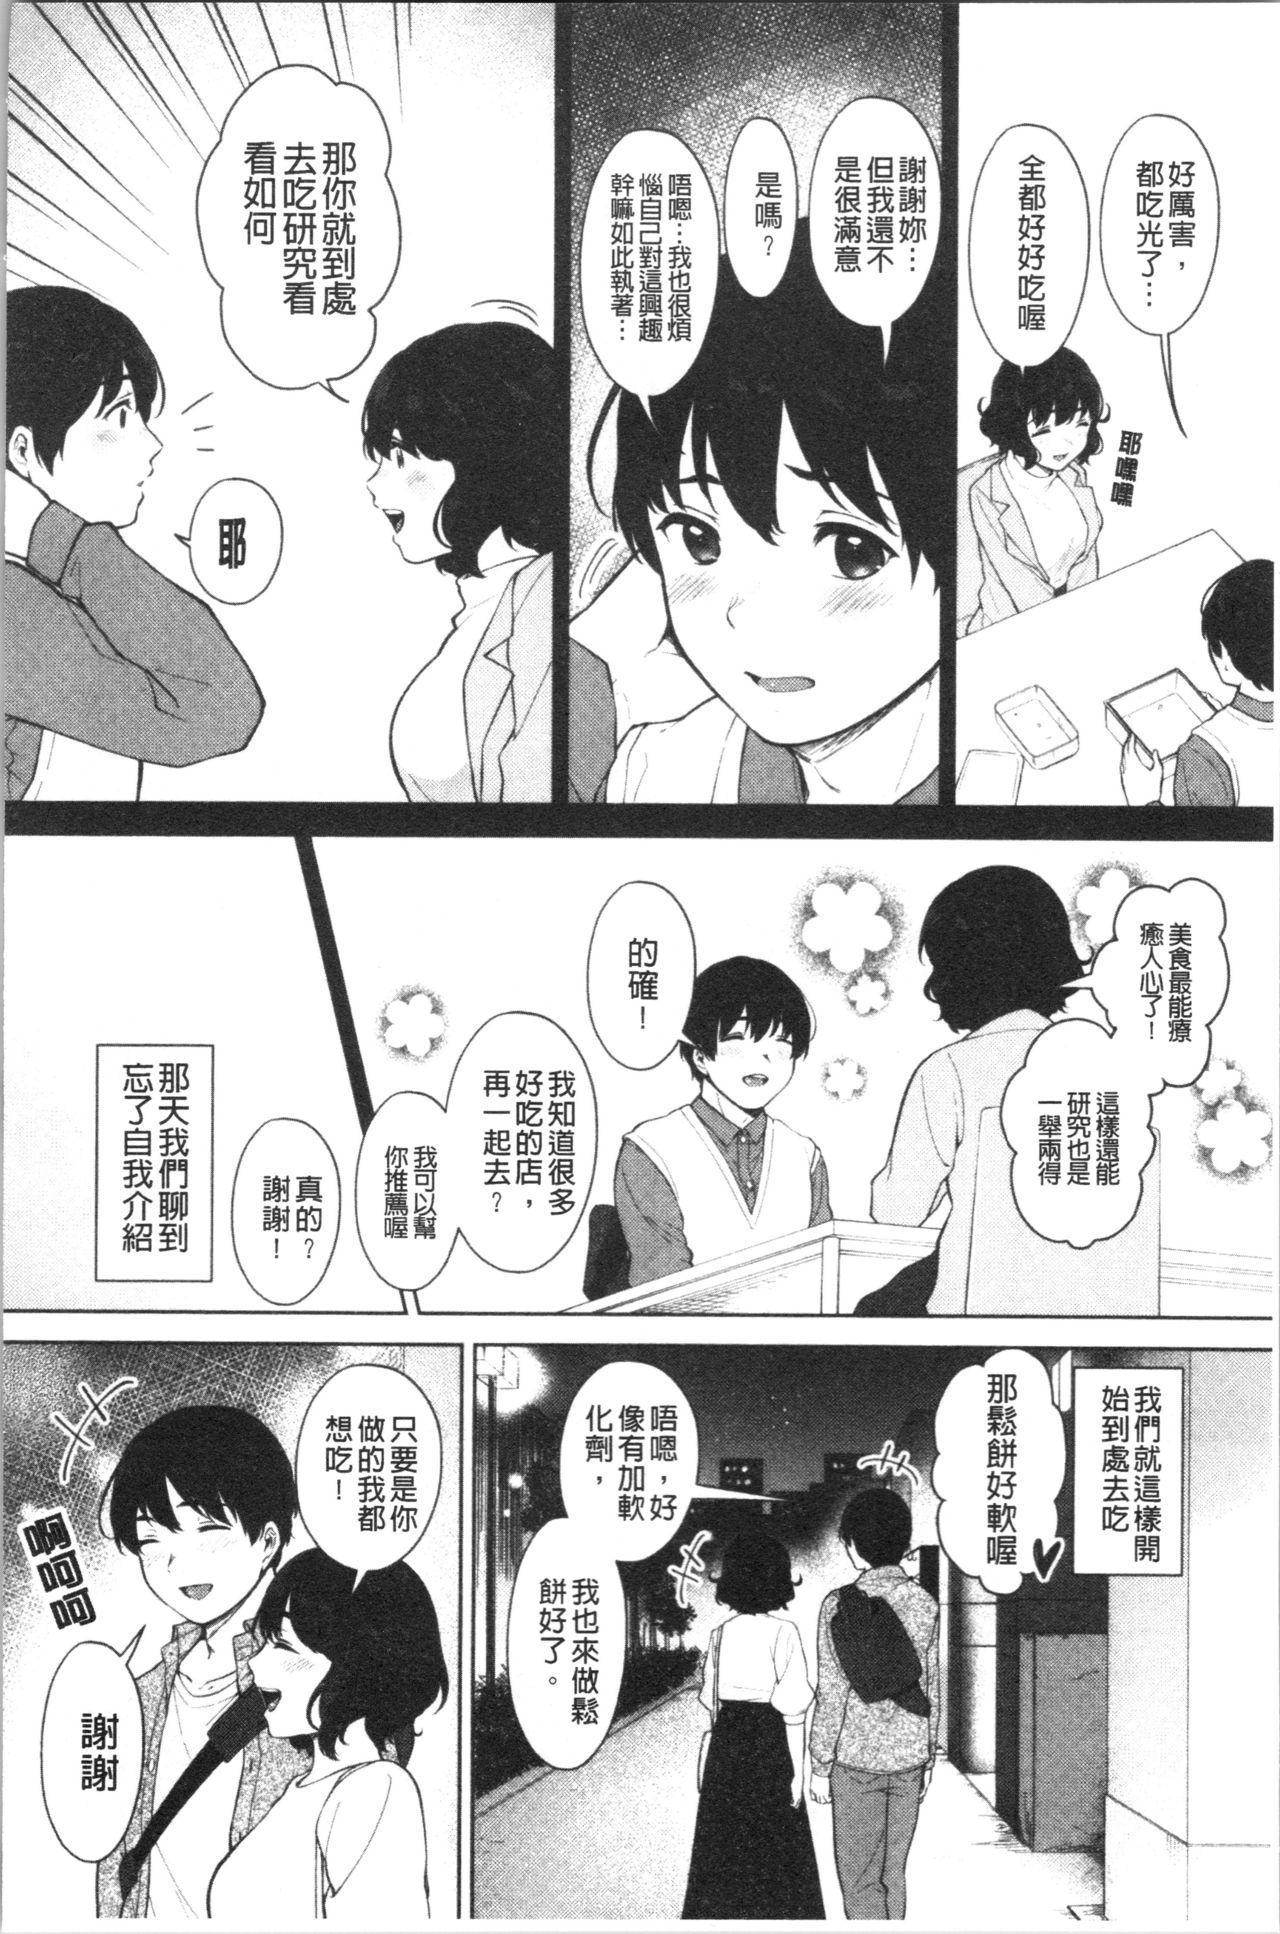 #Echi Echi Joshi to Tsunagaritai | #好色淫蕩女子想和她搞一下 114